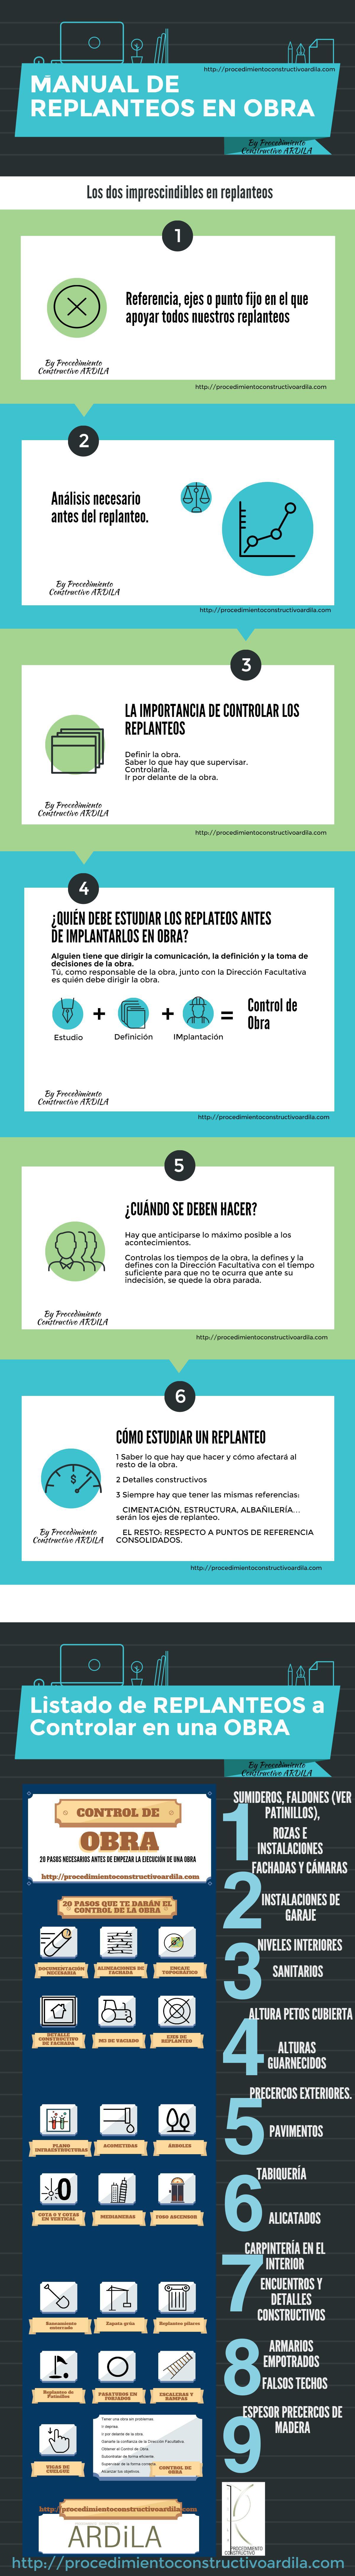 REPLANTEOS MÁS USUALES DE TODAS LAS OBRAS